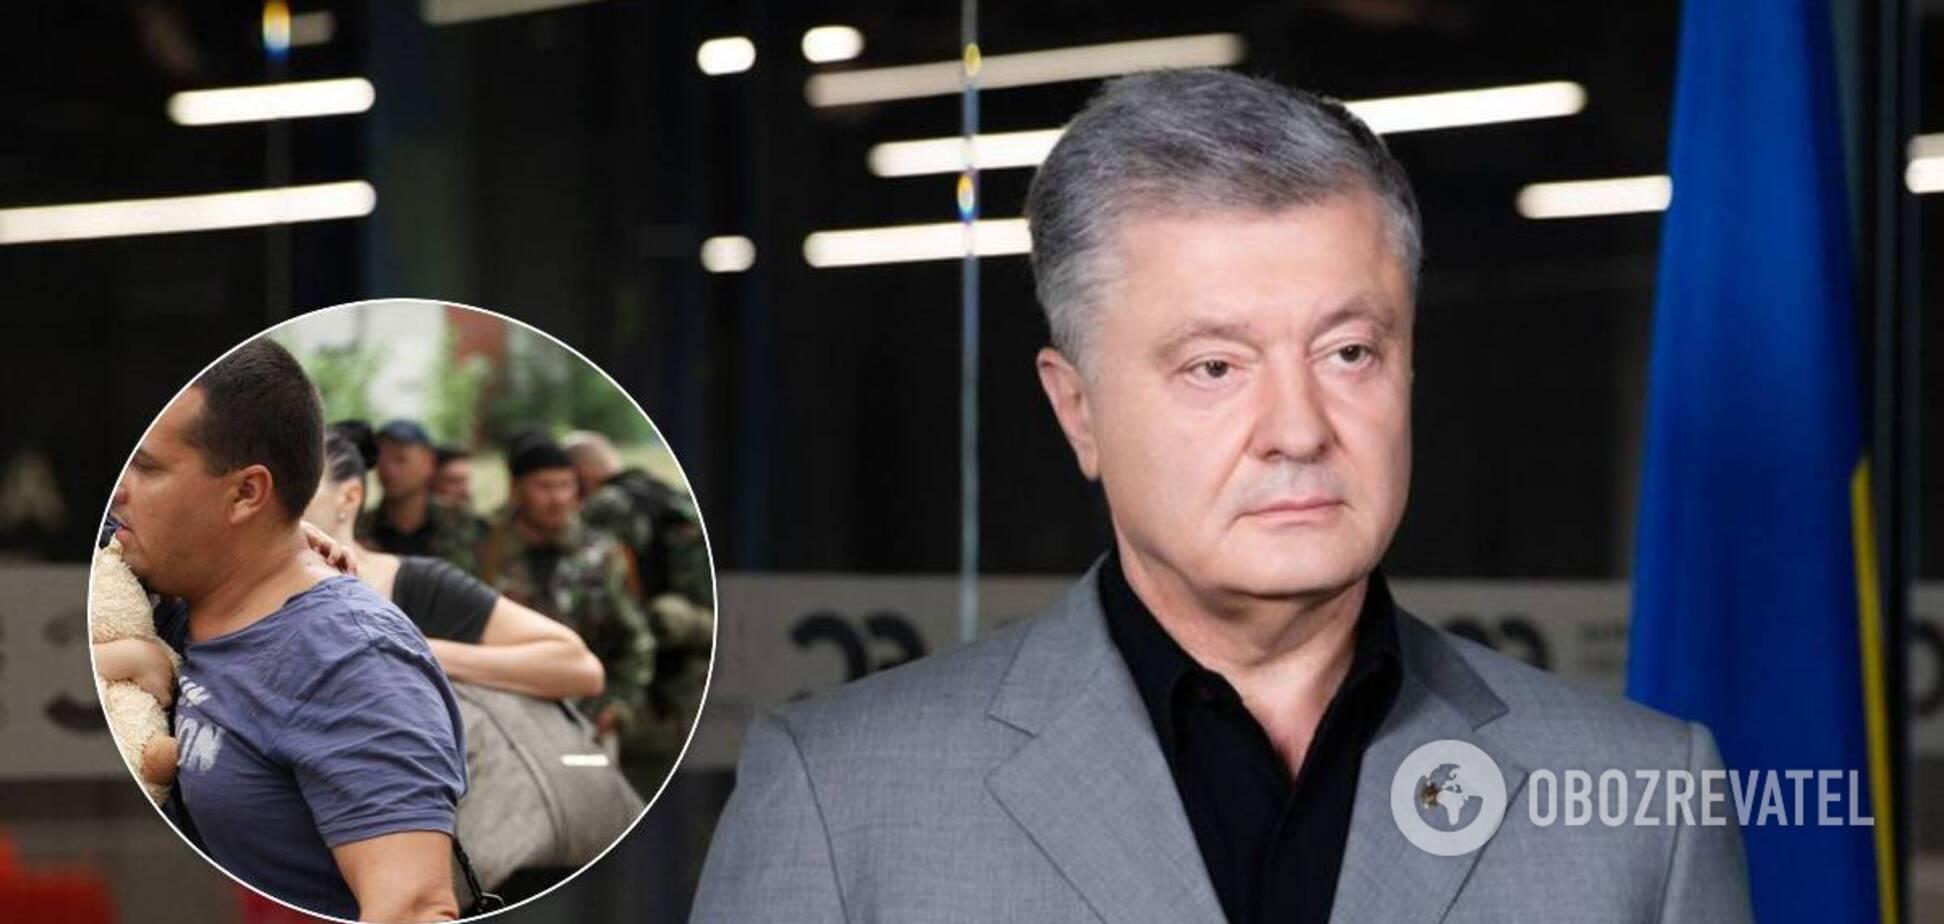 Вимушених переселенців змушують підписувати позови проти Порошенка,– Герасимов